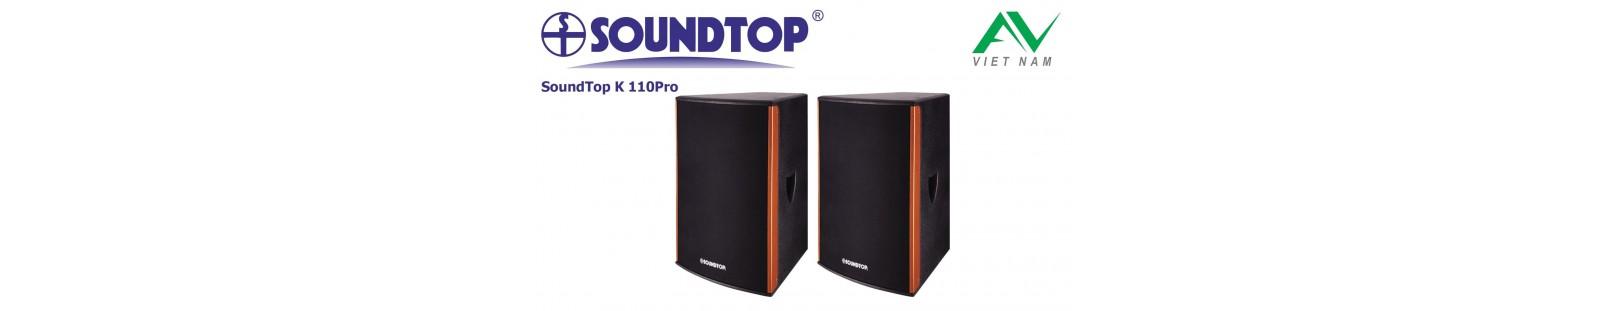 SoundTop K-110Pro